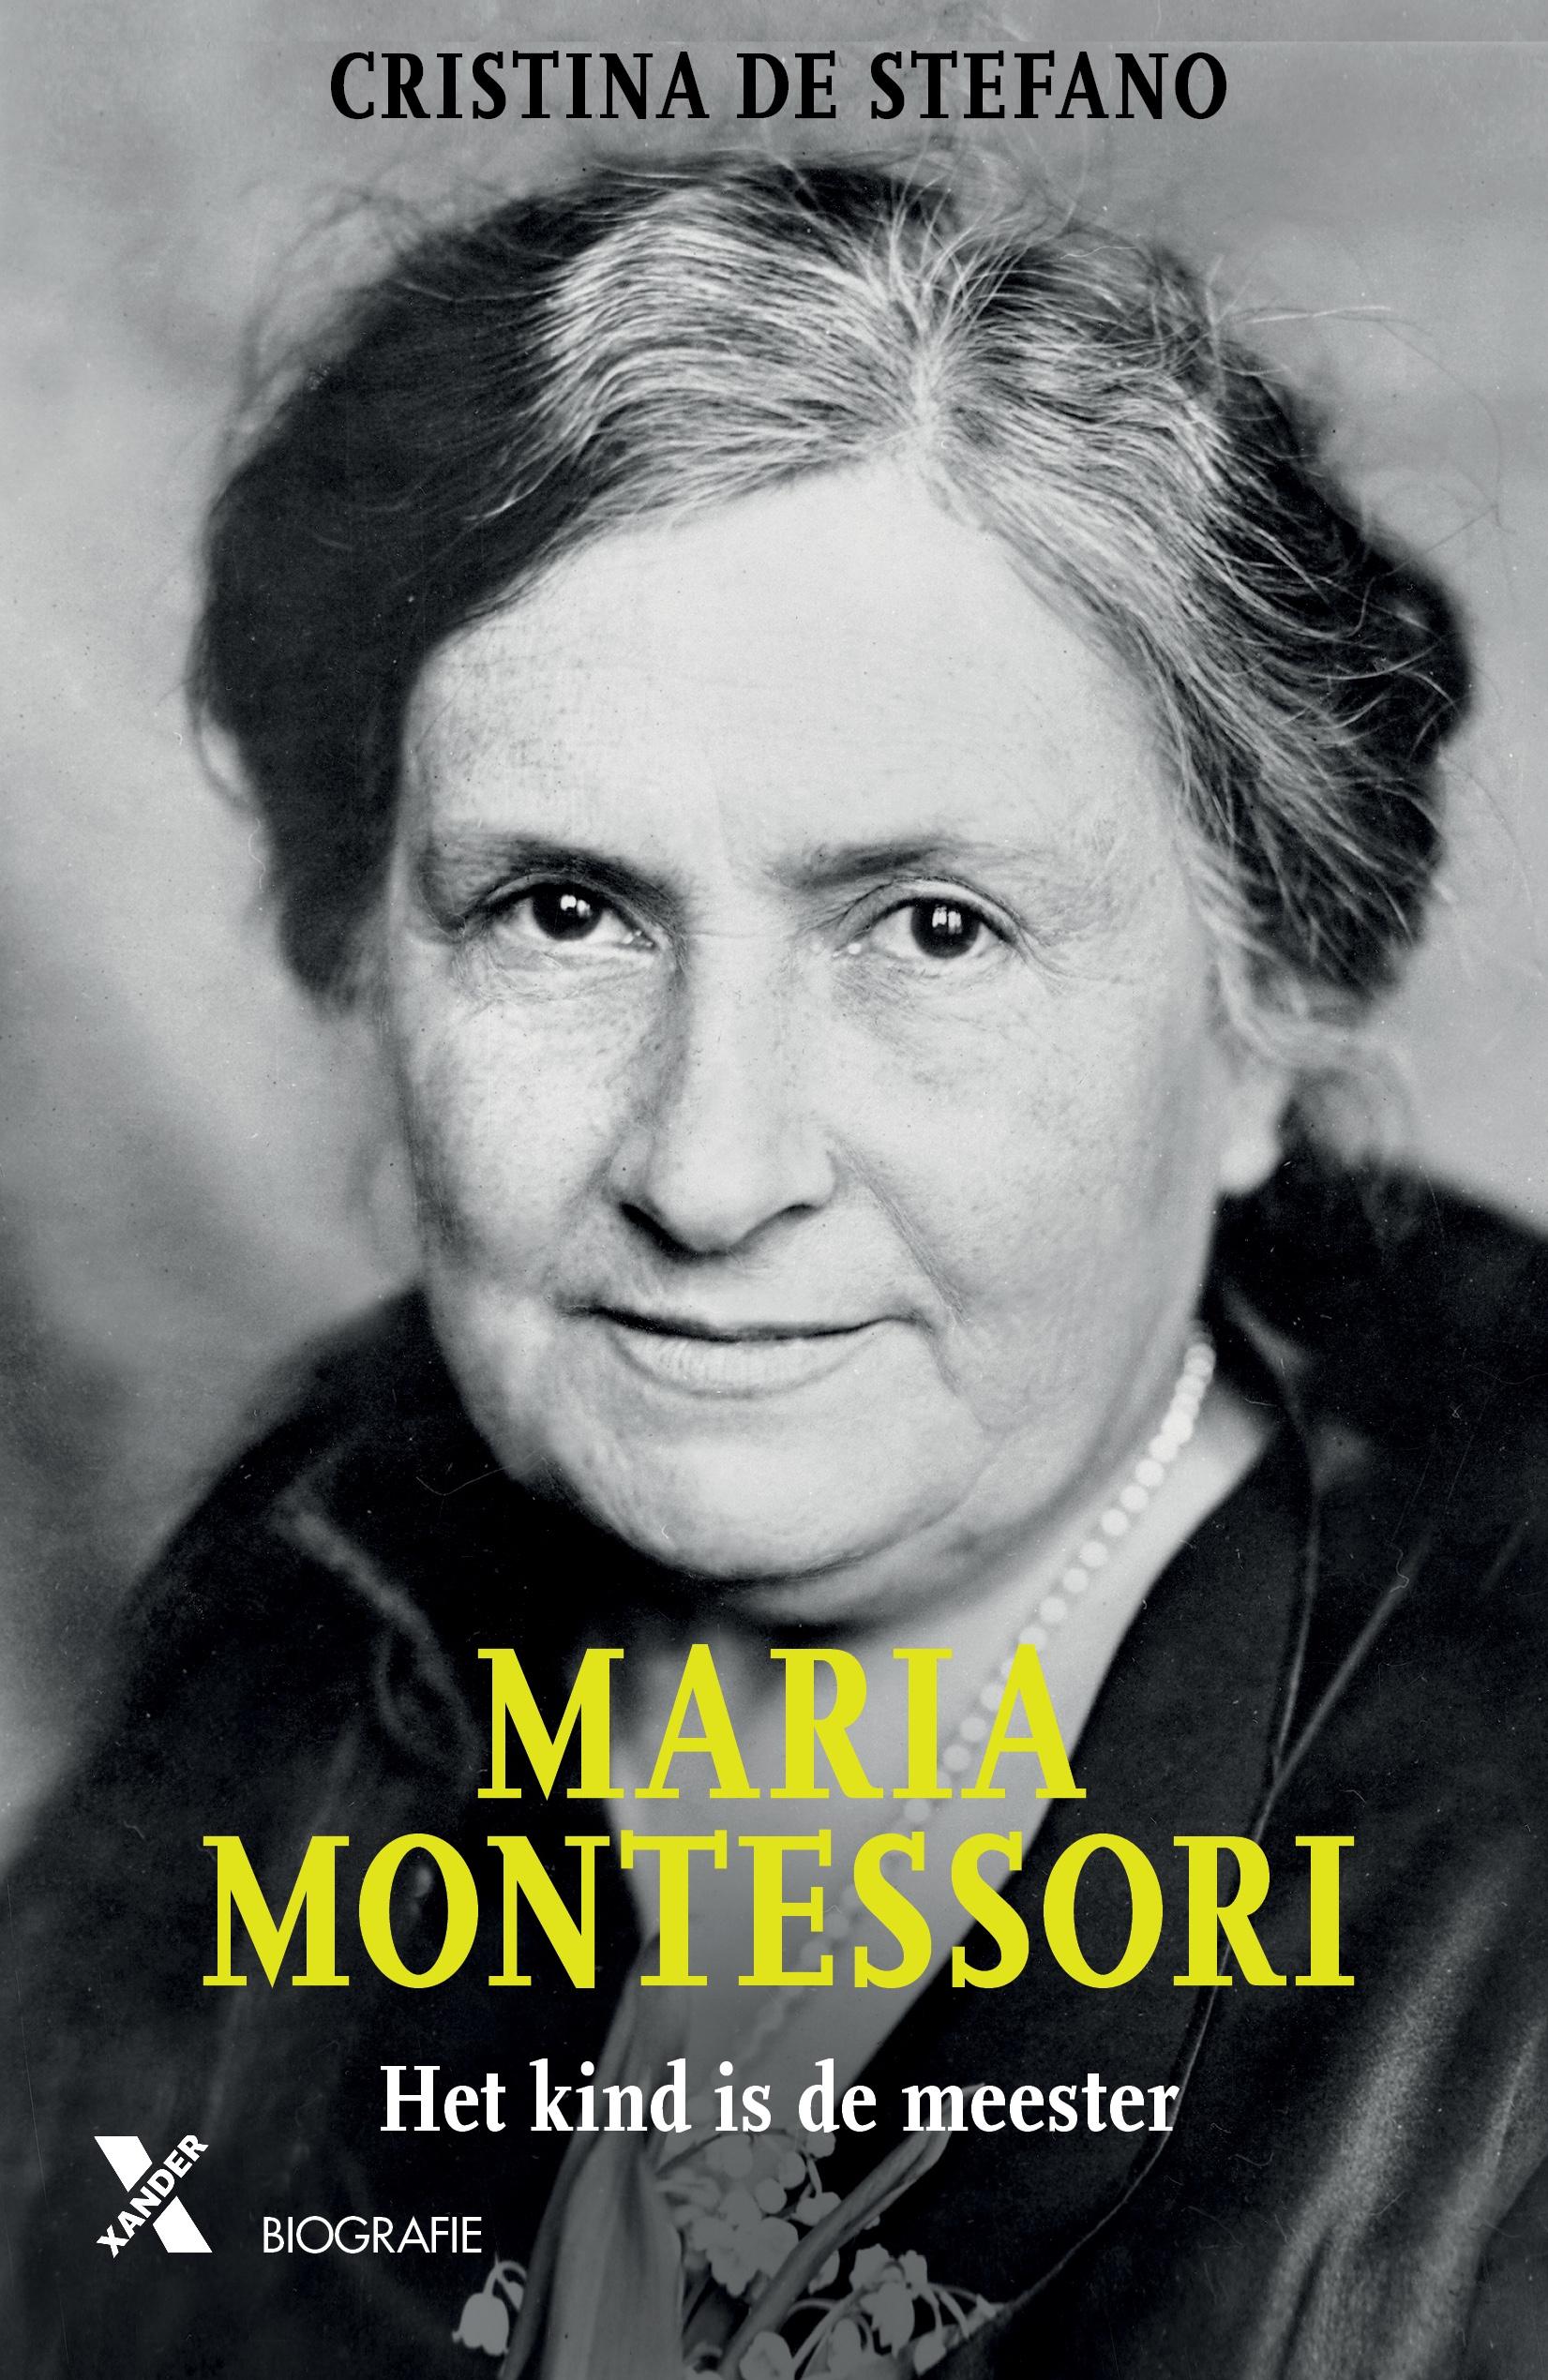 Maria Montessori_Cristina de Stefano